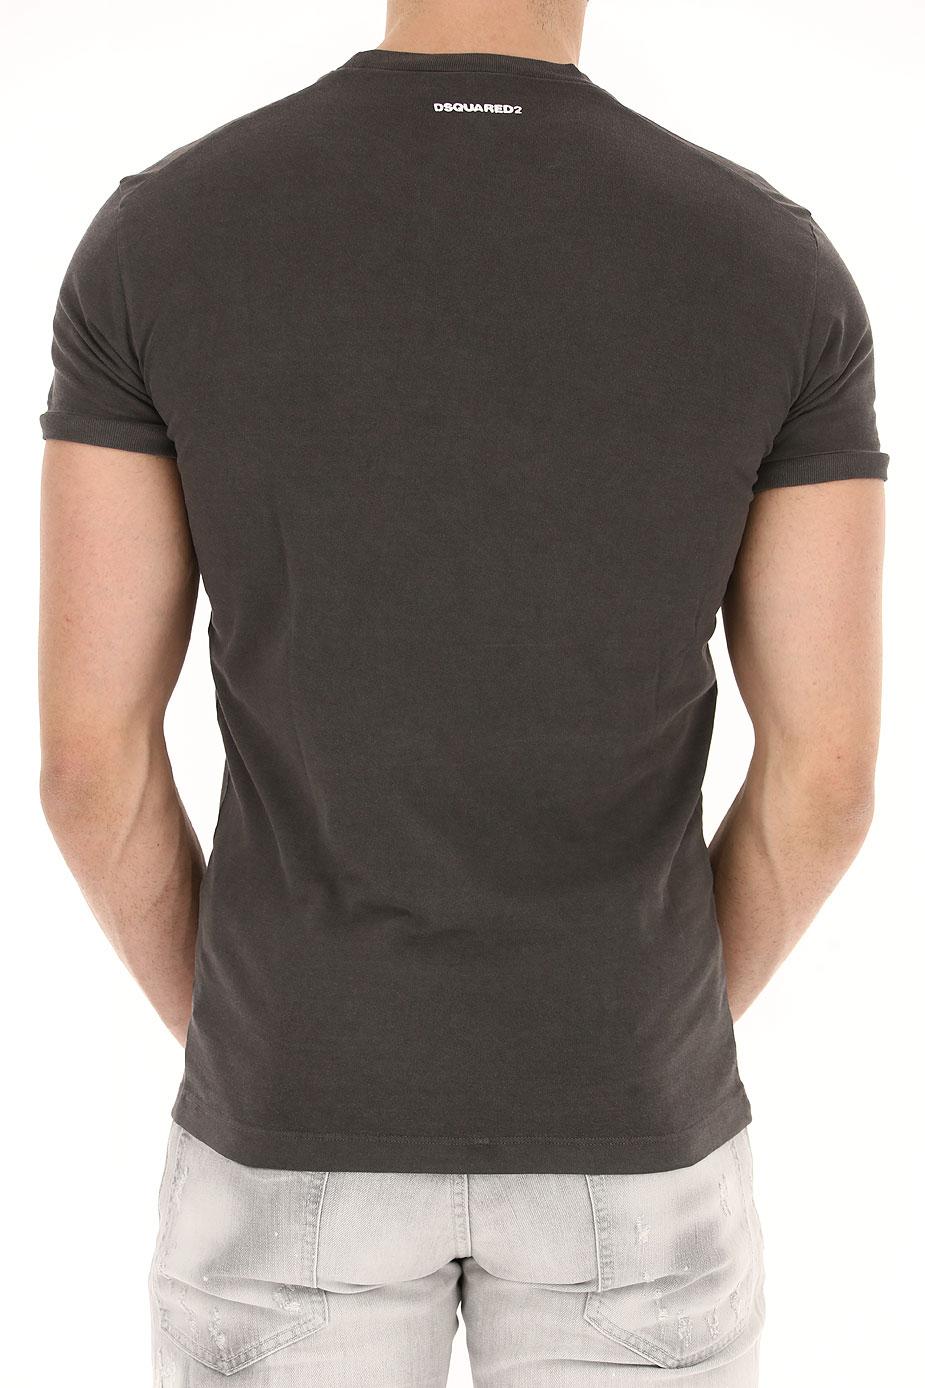 Abbigliamento Uomo Dsquared, Codice Articolo: s74gd0202-s20694-816